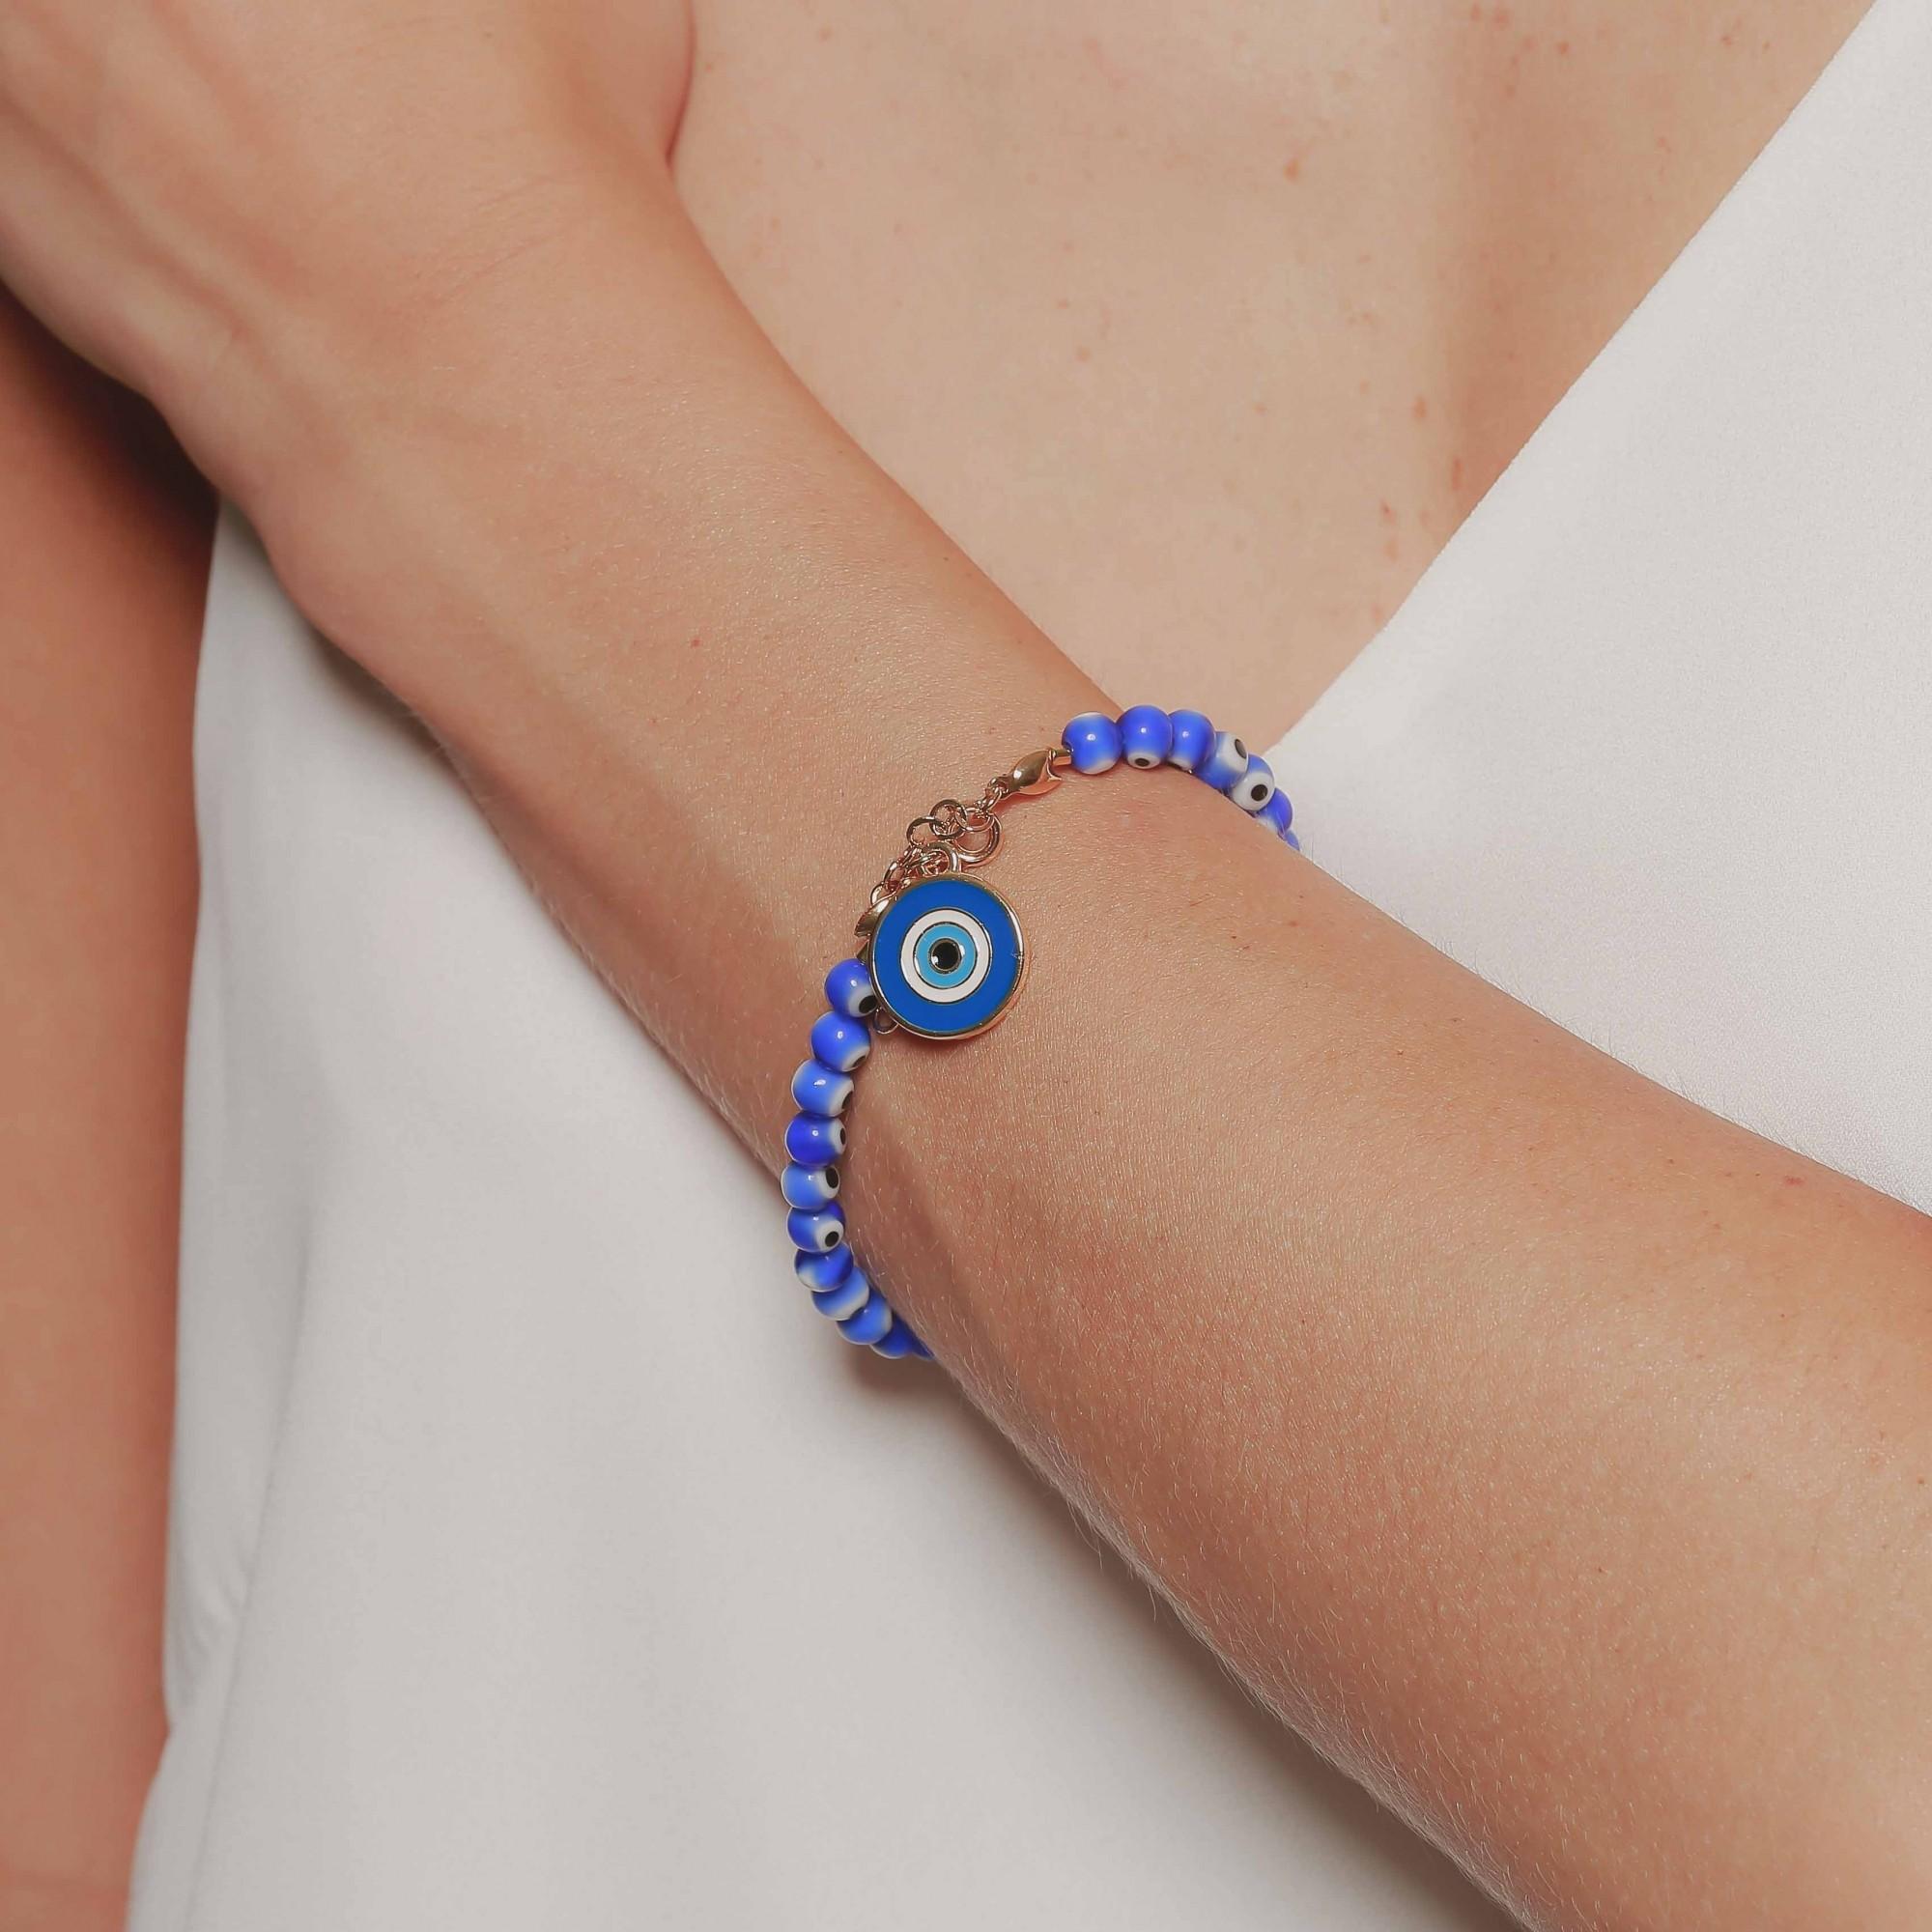 Pulseira olho grego com pingente  - bfdecor.com.br